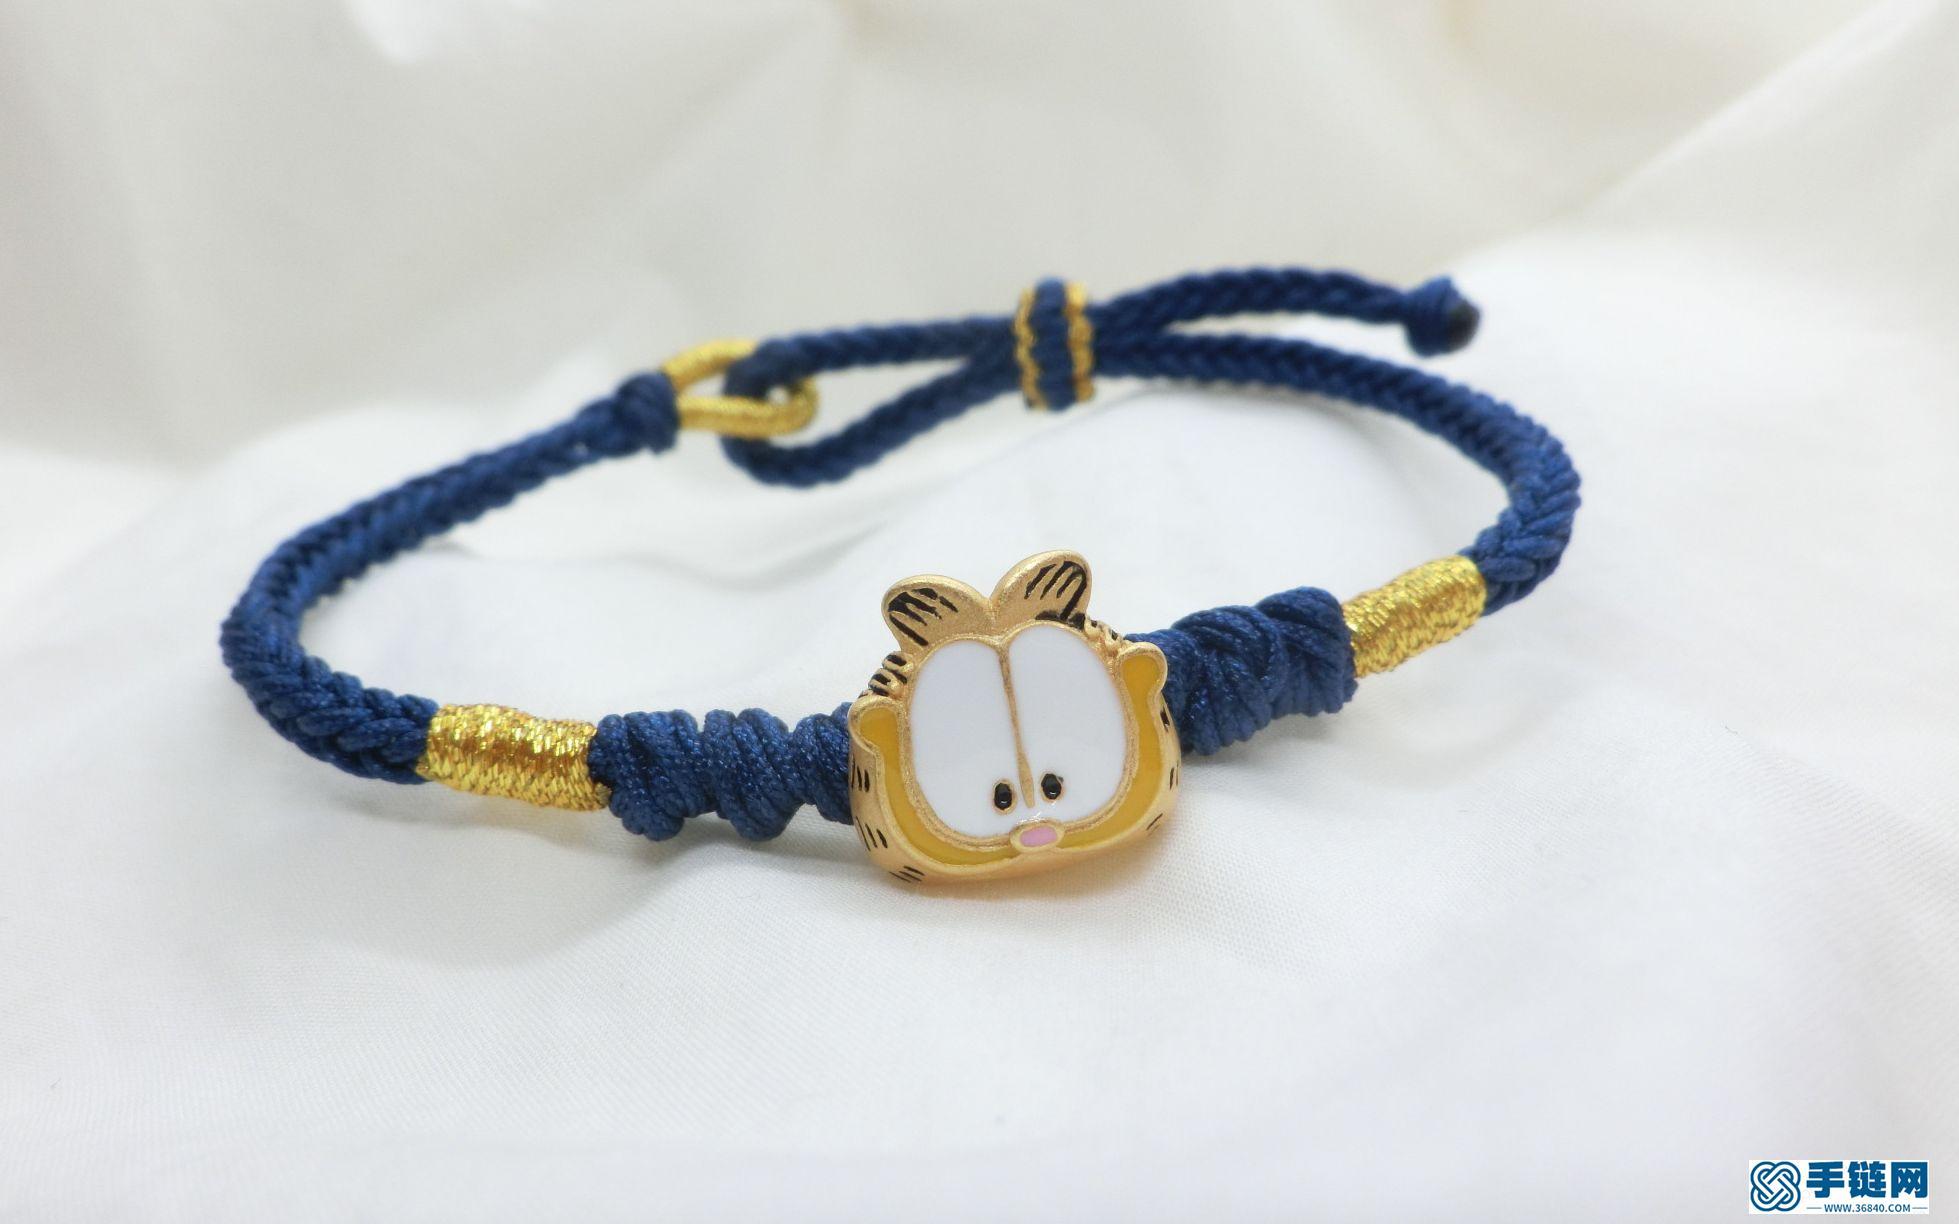 【珊珊】小红书同款的加菲猫手绳,可串自己的黄金转运珠,DIY